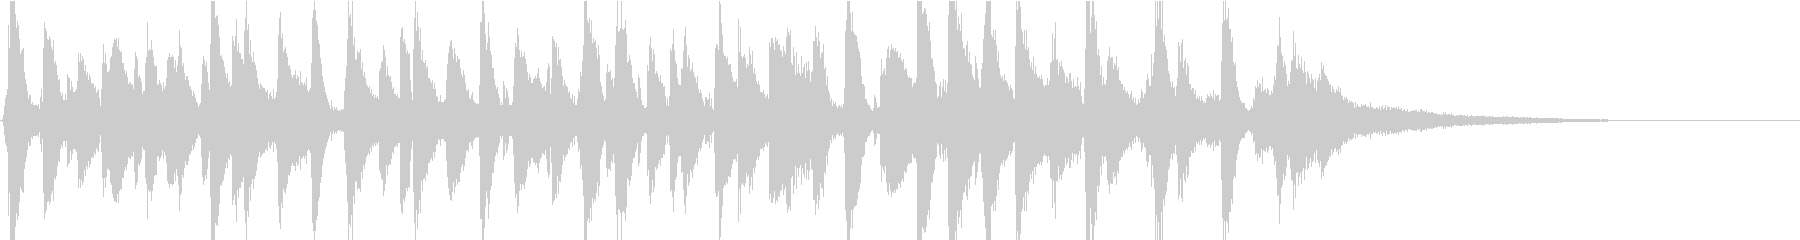 明るいピアノオールドジャズバンドジングルの未再生の波形